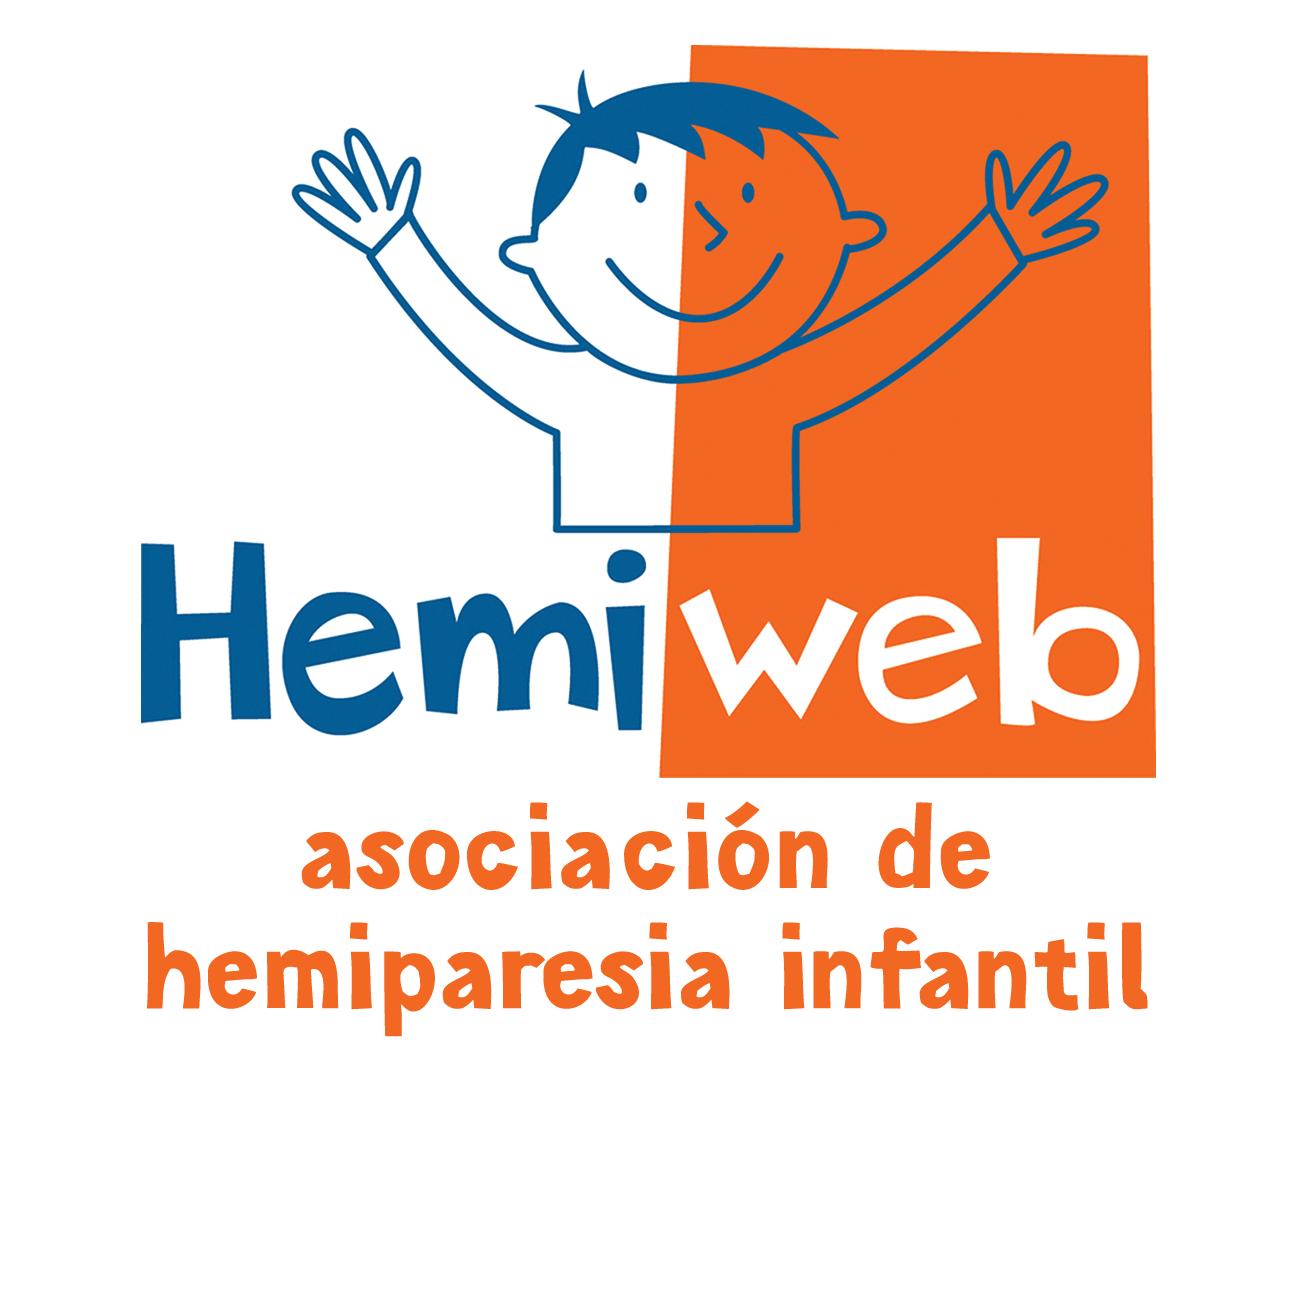 Logo de Hemiweb asociación de hemiparesia infantil